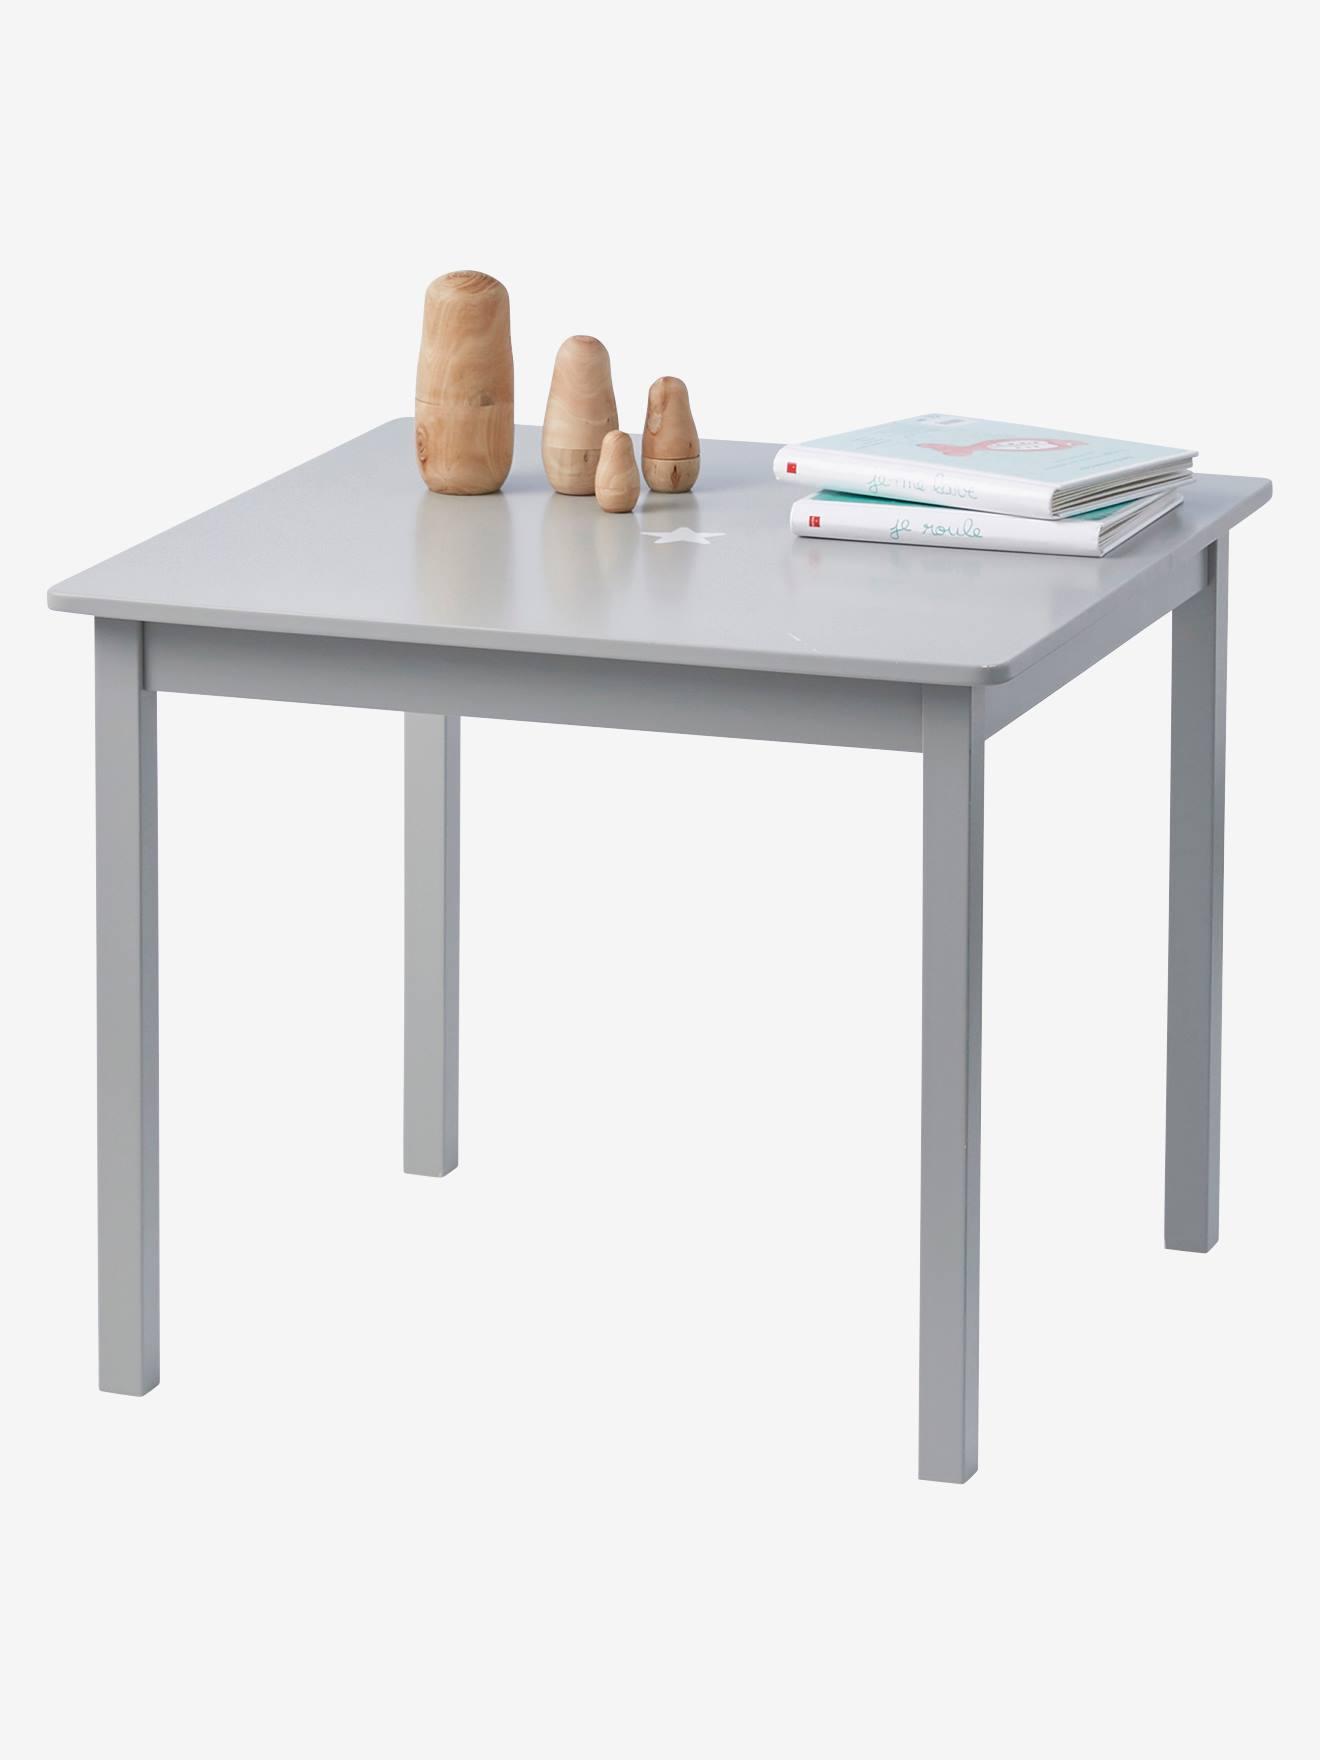 Kindersitzgruppe Kinderzimmer Holz Möbel Tisch Stühle Spieltisch Maltisch NEU